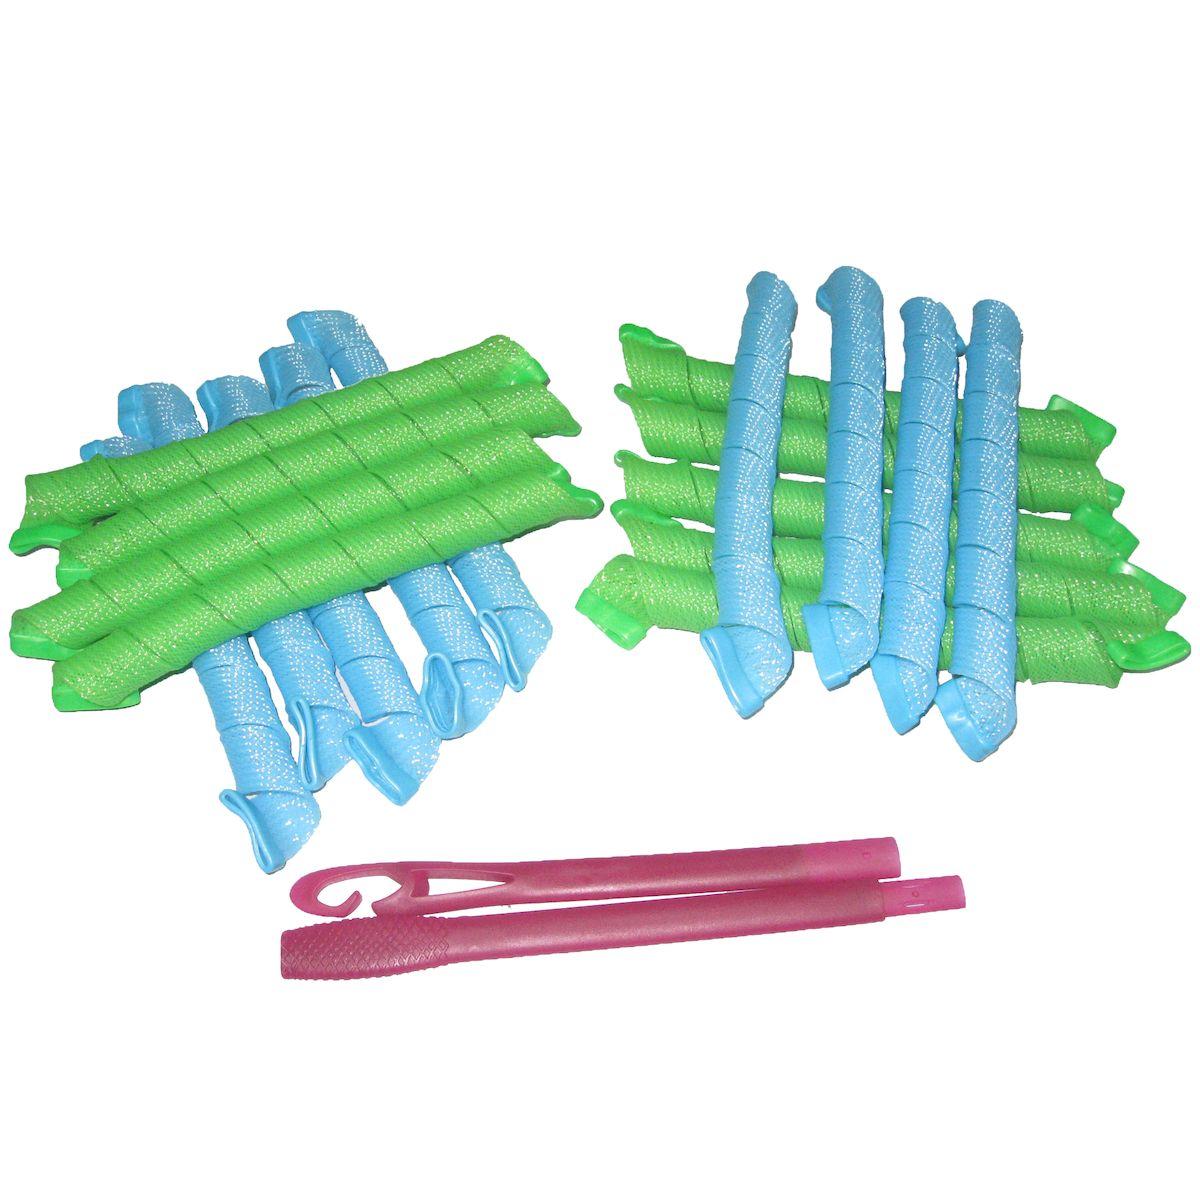 Magic Leverage Волшебные бигуди Средние 44 см, 18 штСр44Создают большой объем, обеспечивают бережное отношение к волосам, легки в использовании. В упаковке 18 цветных бигуди, длиной 44 см (в развернутой виде), и специальный крючок. При использовании, желательно, чтобы влажность волос была в пределах 60-70%. Характеристики: Длина: 44 см Ширина локона: 2 см Диаметр завитка: 2,2 см Количество: 18 шт. Крючок: двойной Упаковка: коробка Уважаемые клиенты! Обращаем ваше внимание на цветовой ассортимент товара. Поставка осуществляется в зависимости от наличия на складе.